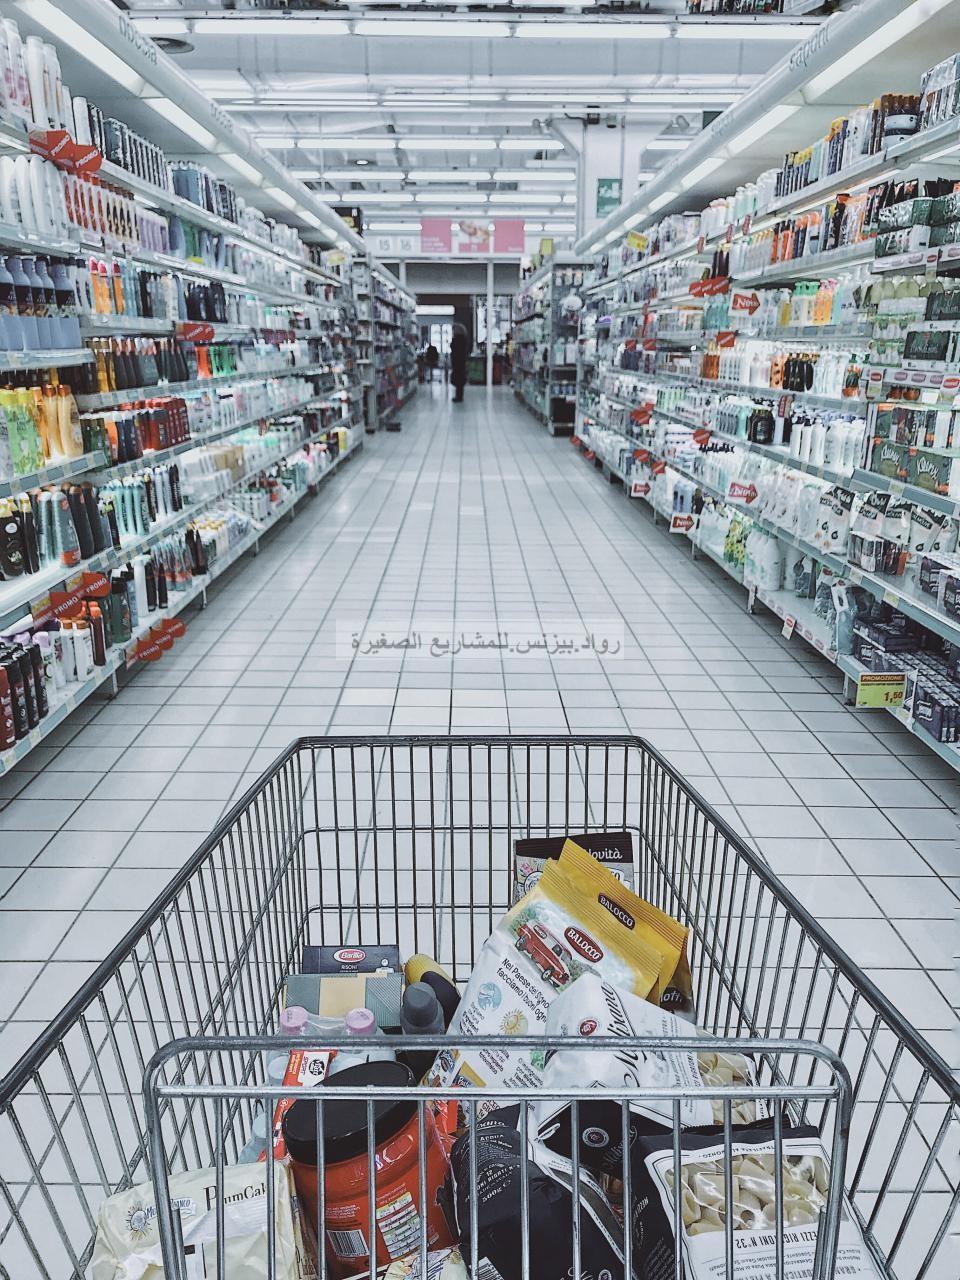 مشروع متسوق شخصي فكرة جديدة للرجال والنساء